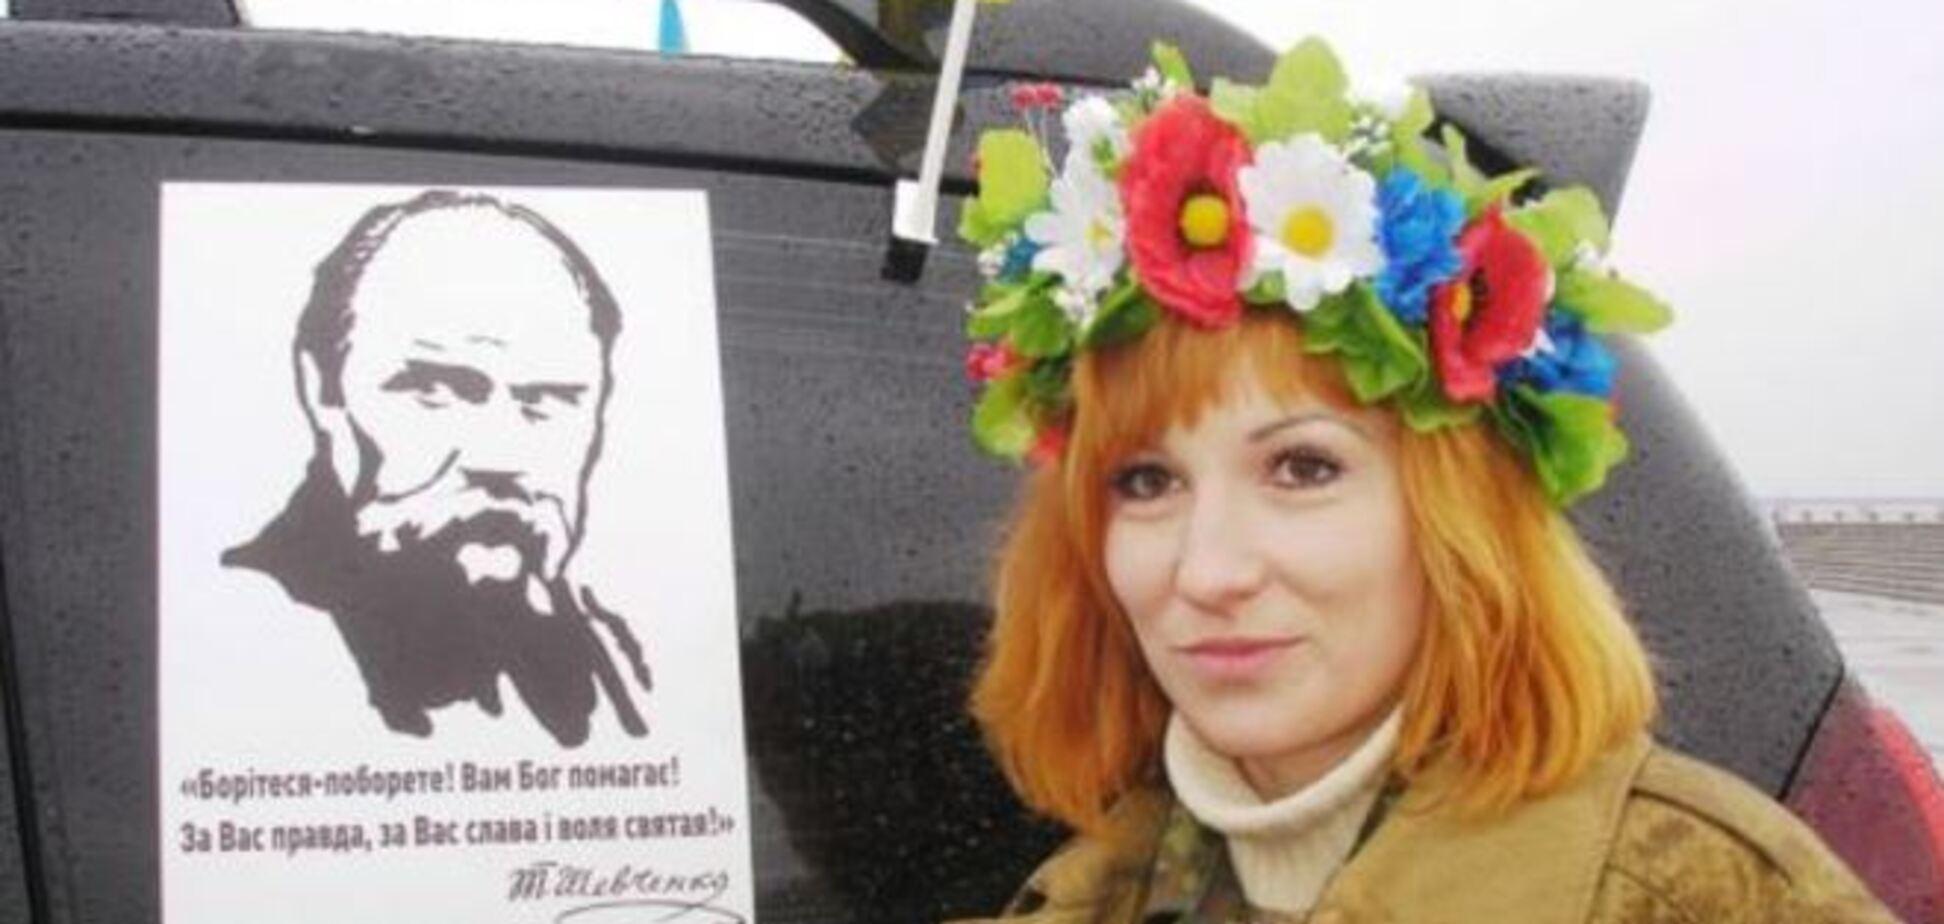 Неизвестные обнародовали персональные данные днепропетровской журналистки